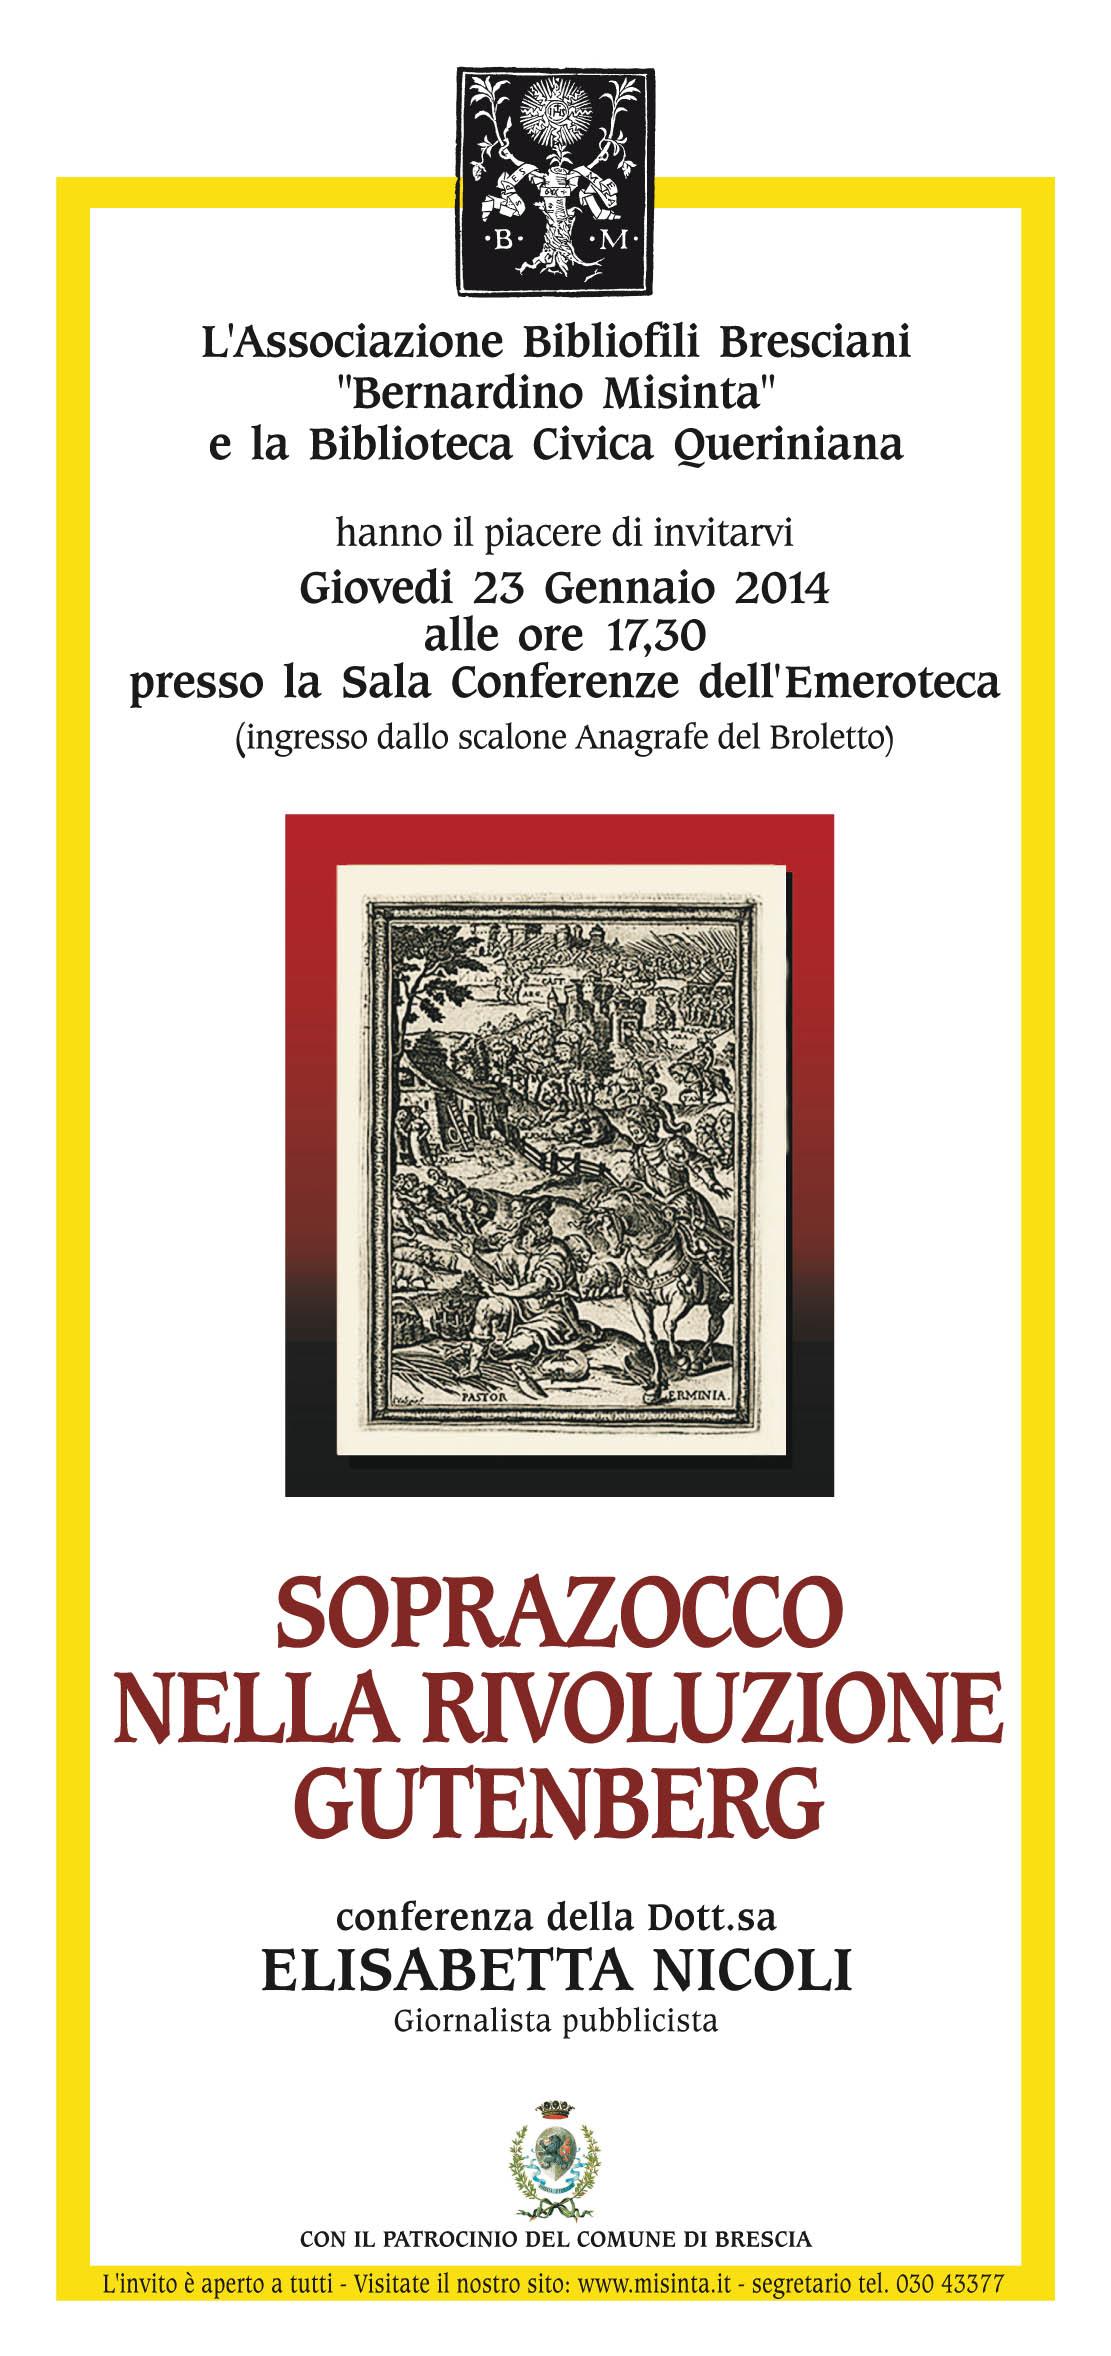 INVITO PIOLETTI FRONTE 24 04 2013.FH10